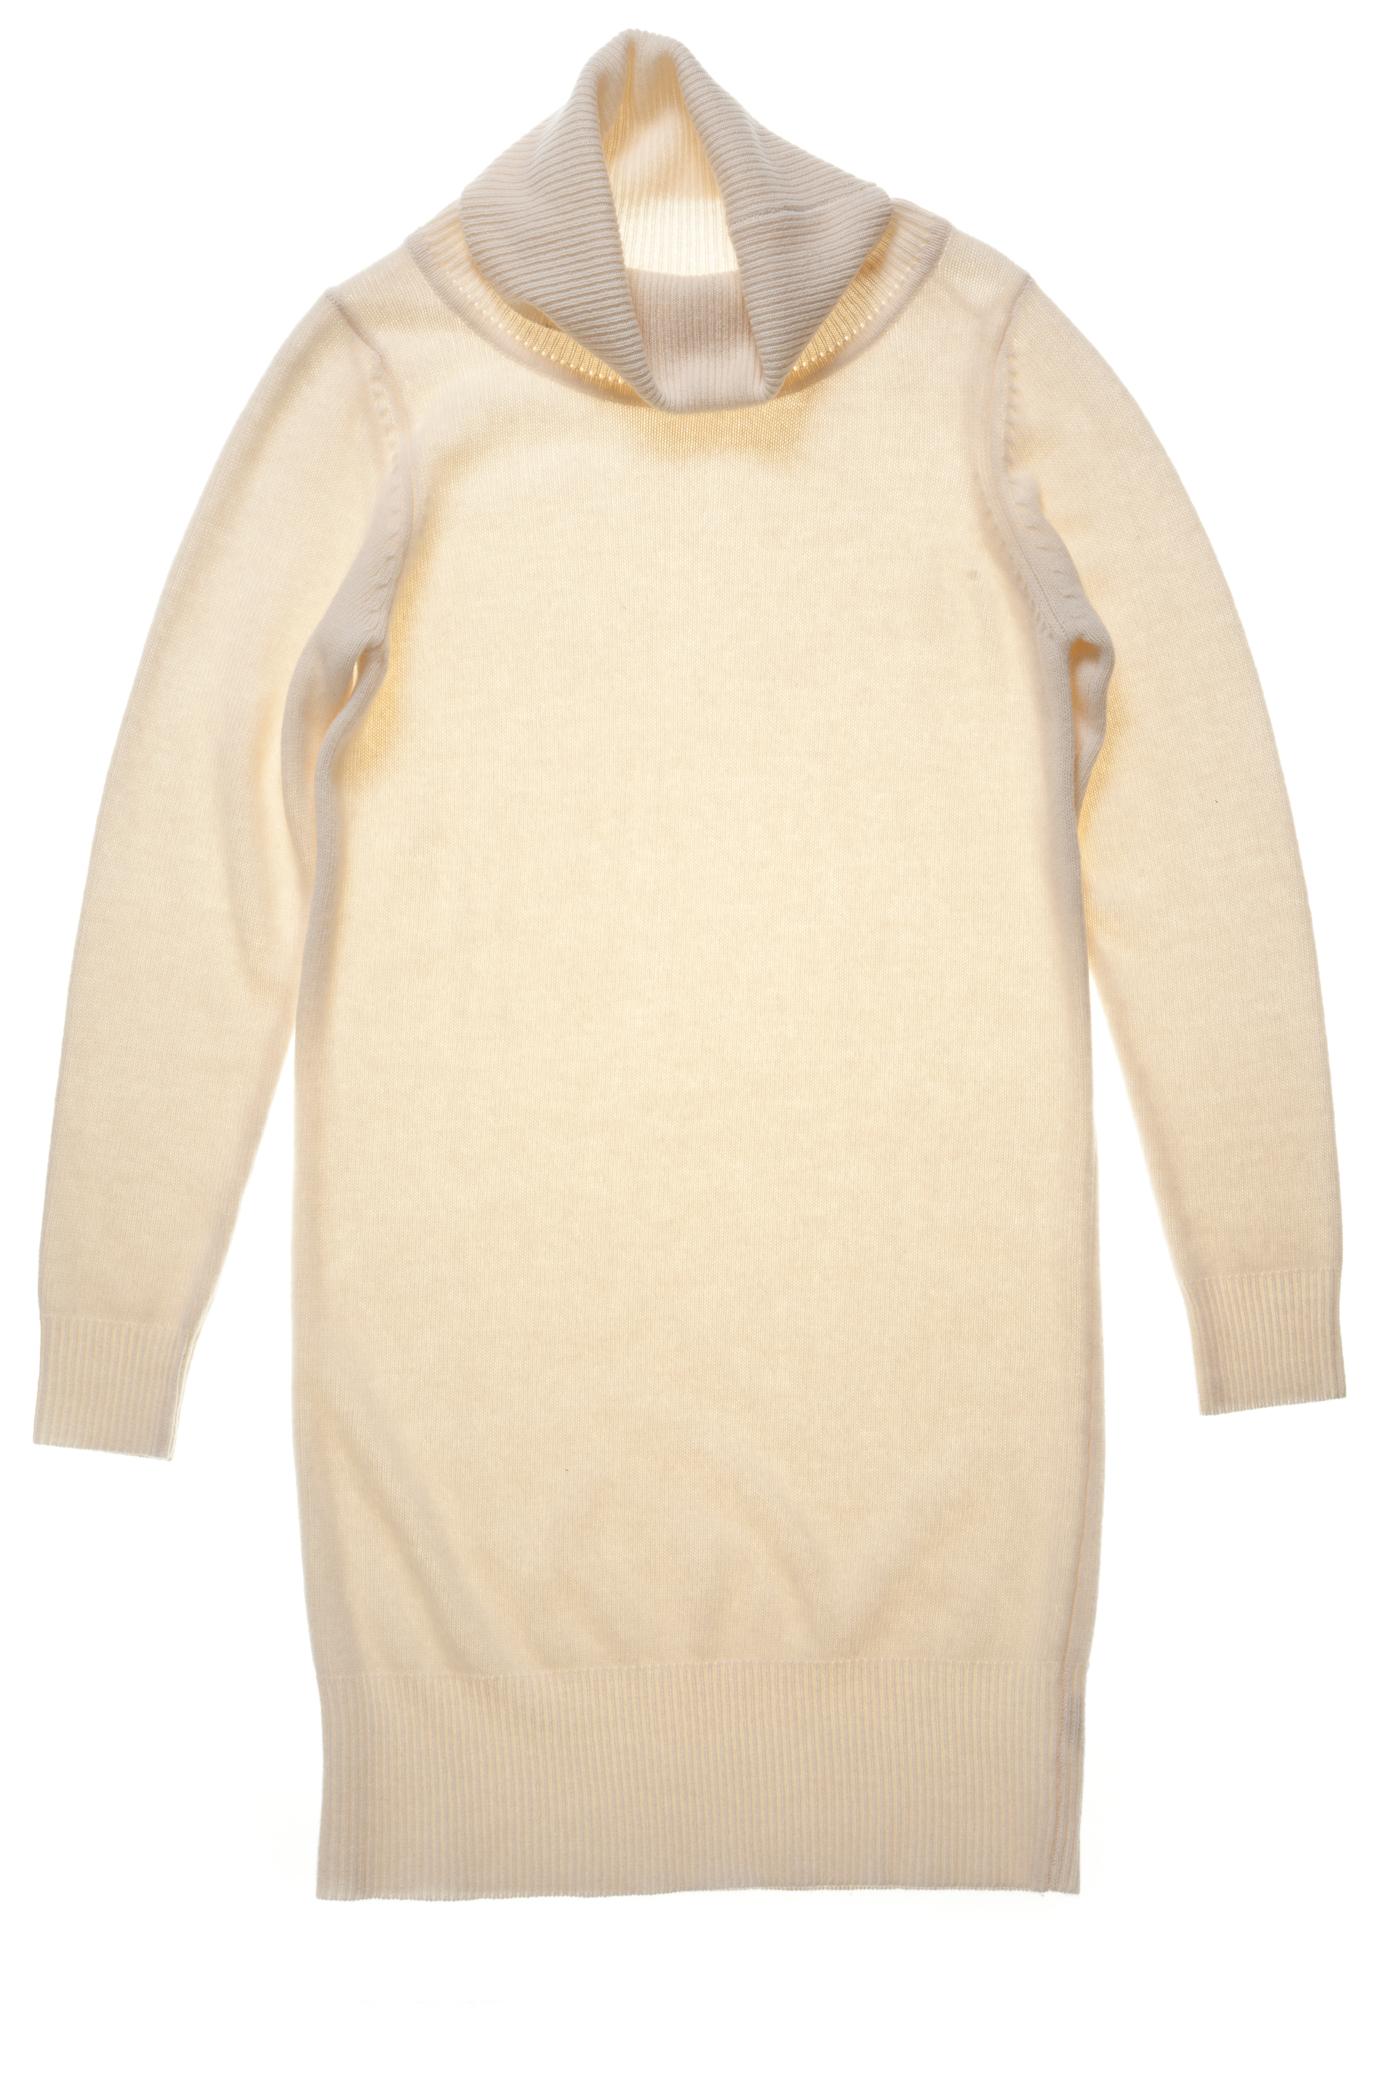 DEBBIE  Laine Vierge  Virgin Wool  275$